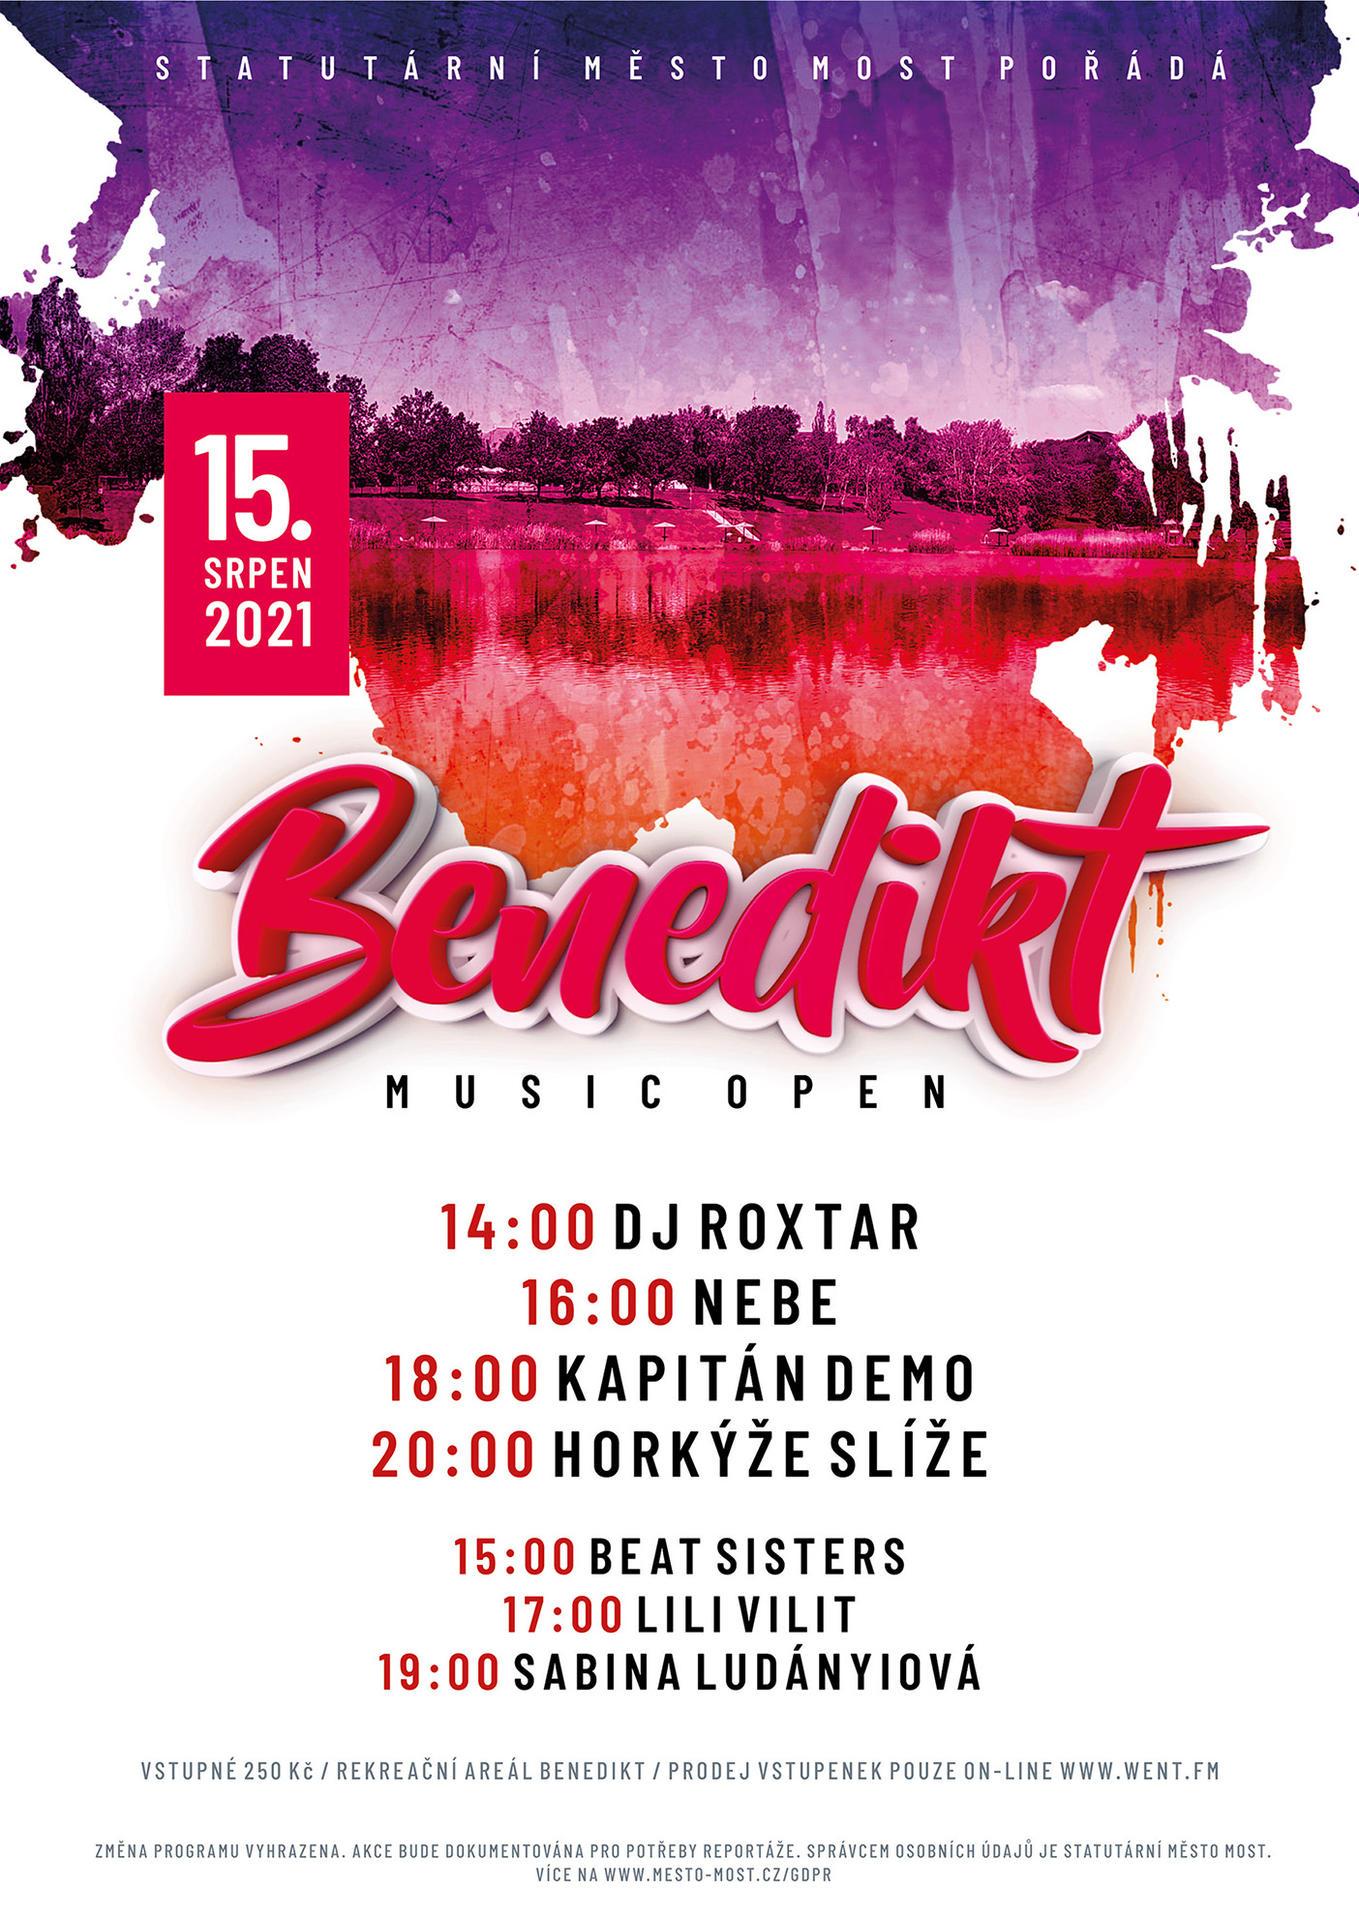 Benedikt Music Open